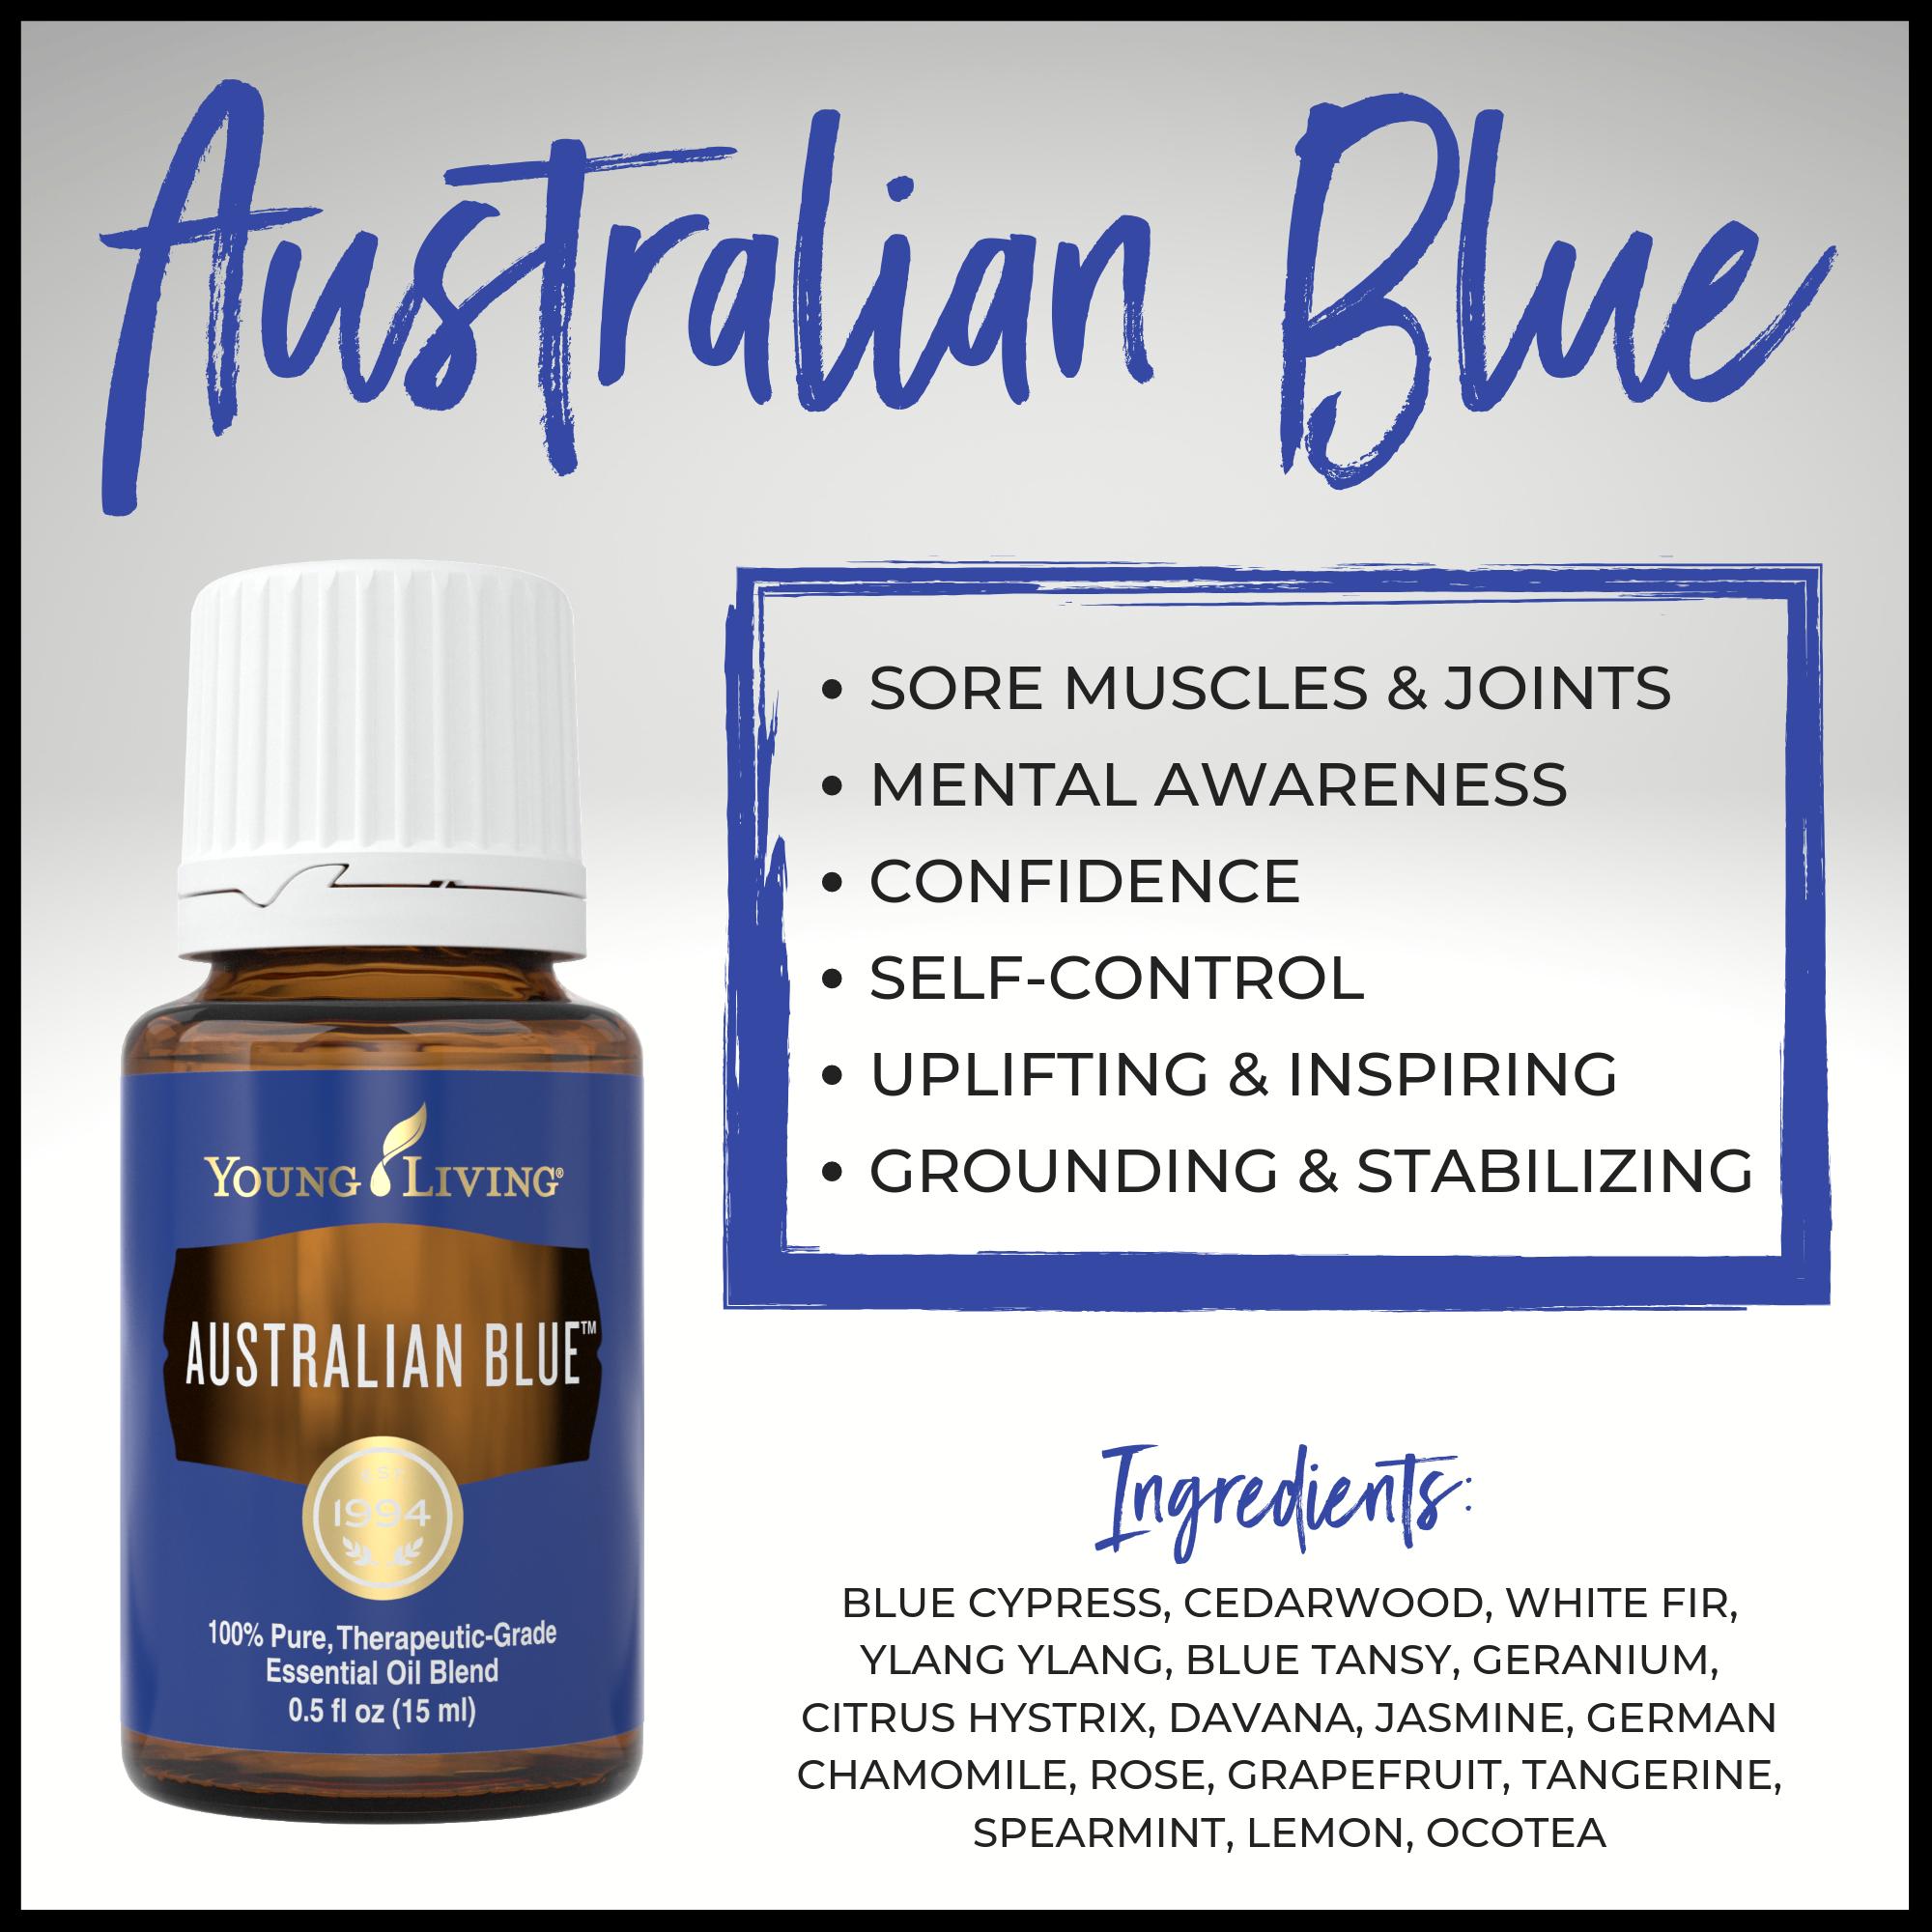 Australian Blue